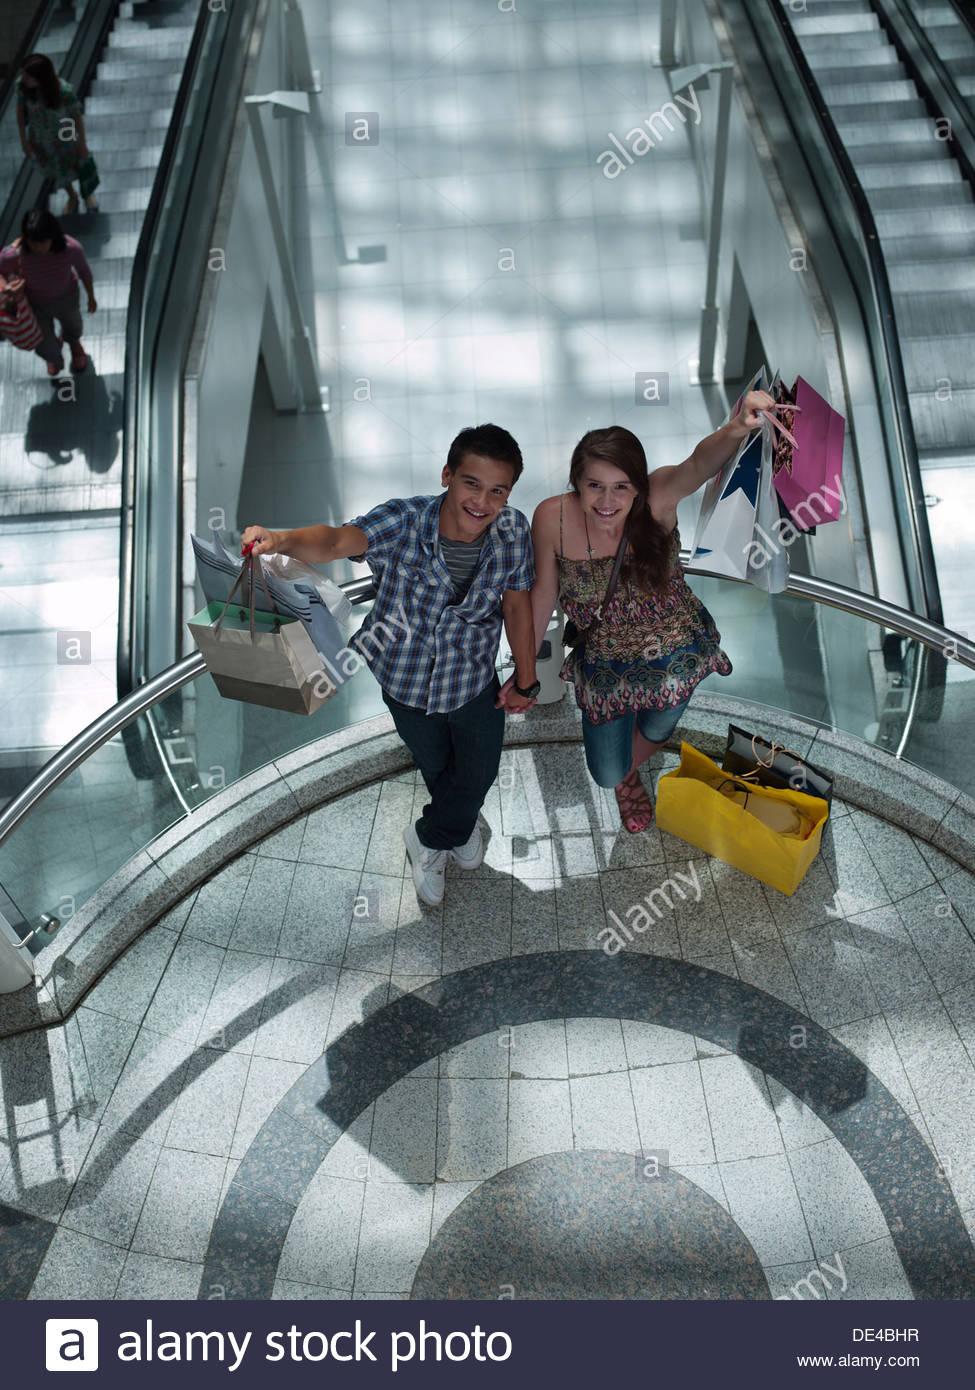 Paar mit Einkaufstüten am Balkon in der mall Stockbild